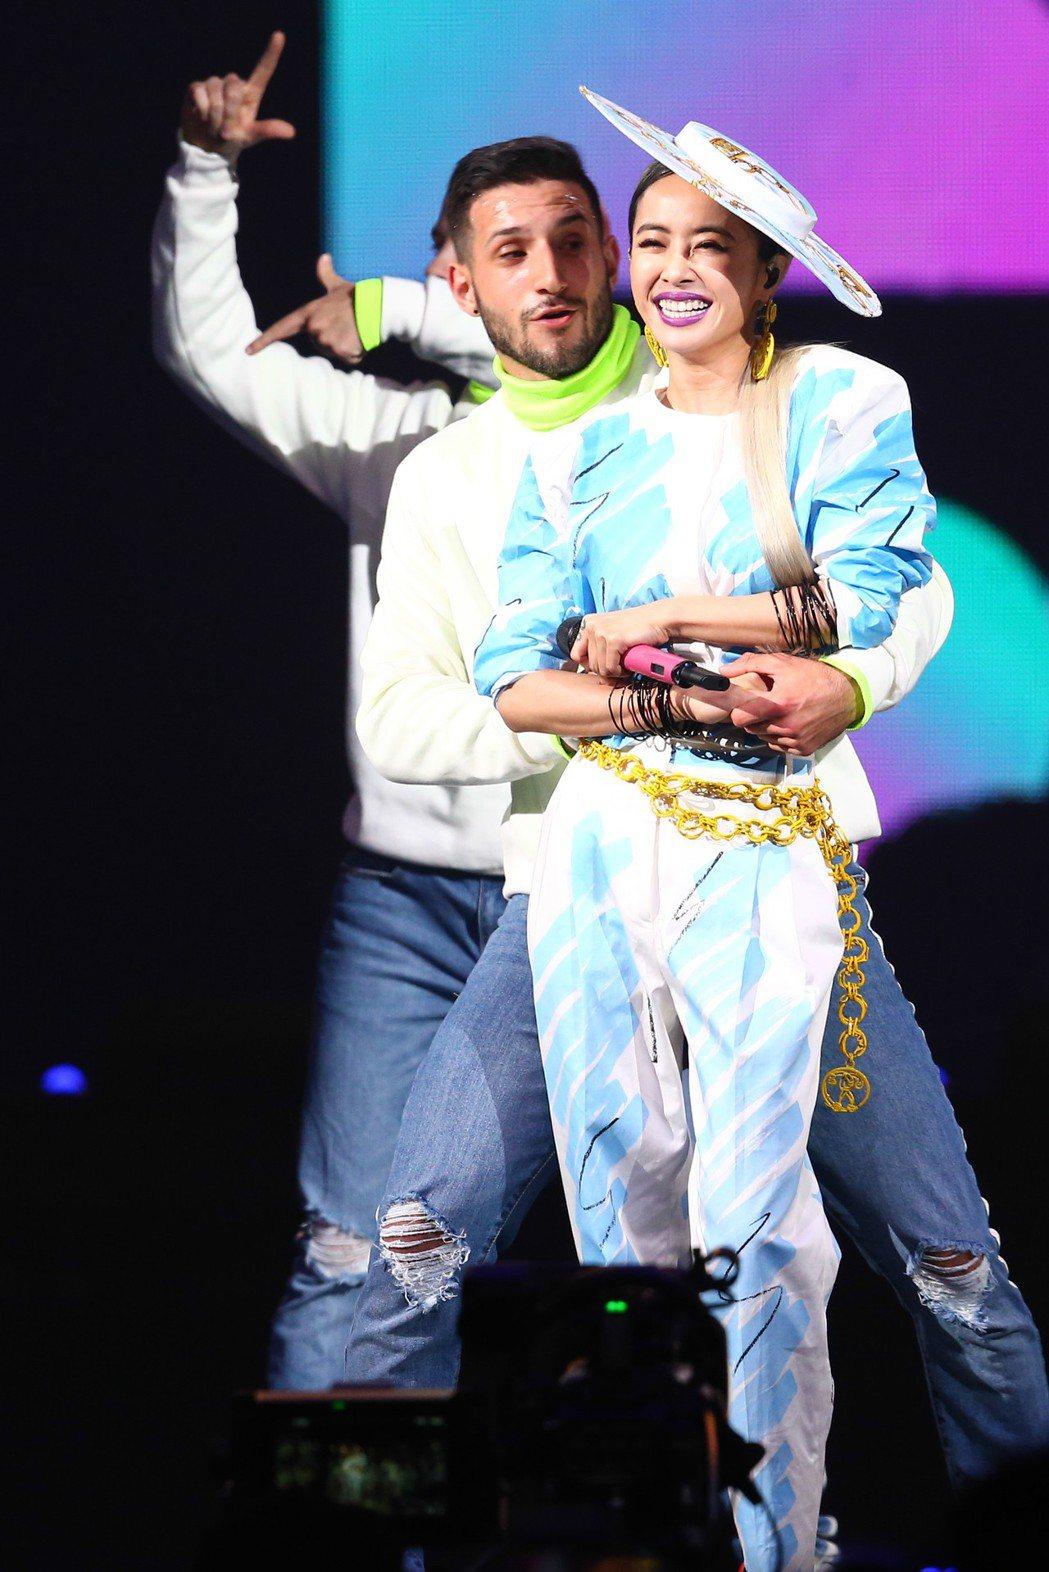 蔡依林(前)和男舞者帶來俏皮的舞蹈。記者葉信菉/攝影